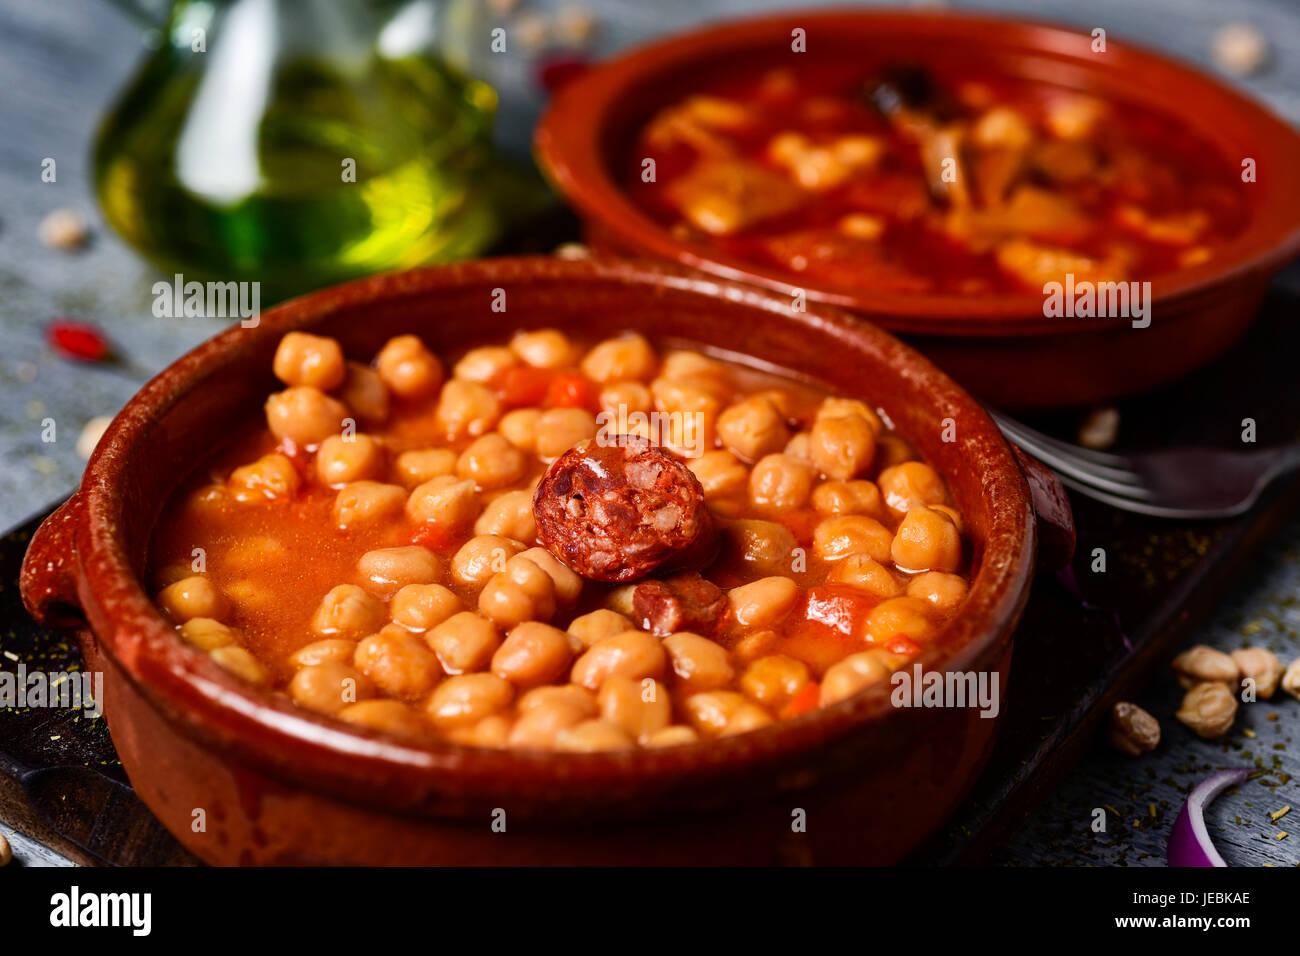 Libre d'un bol en terre cuite avec potaje de chiche, un ragoût de pois chiches au chorizo et jambon serrano, Photo Stock